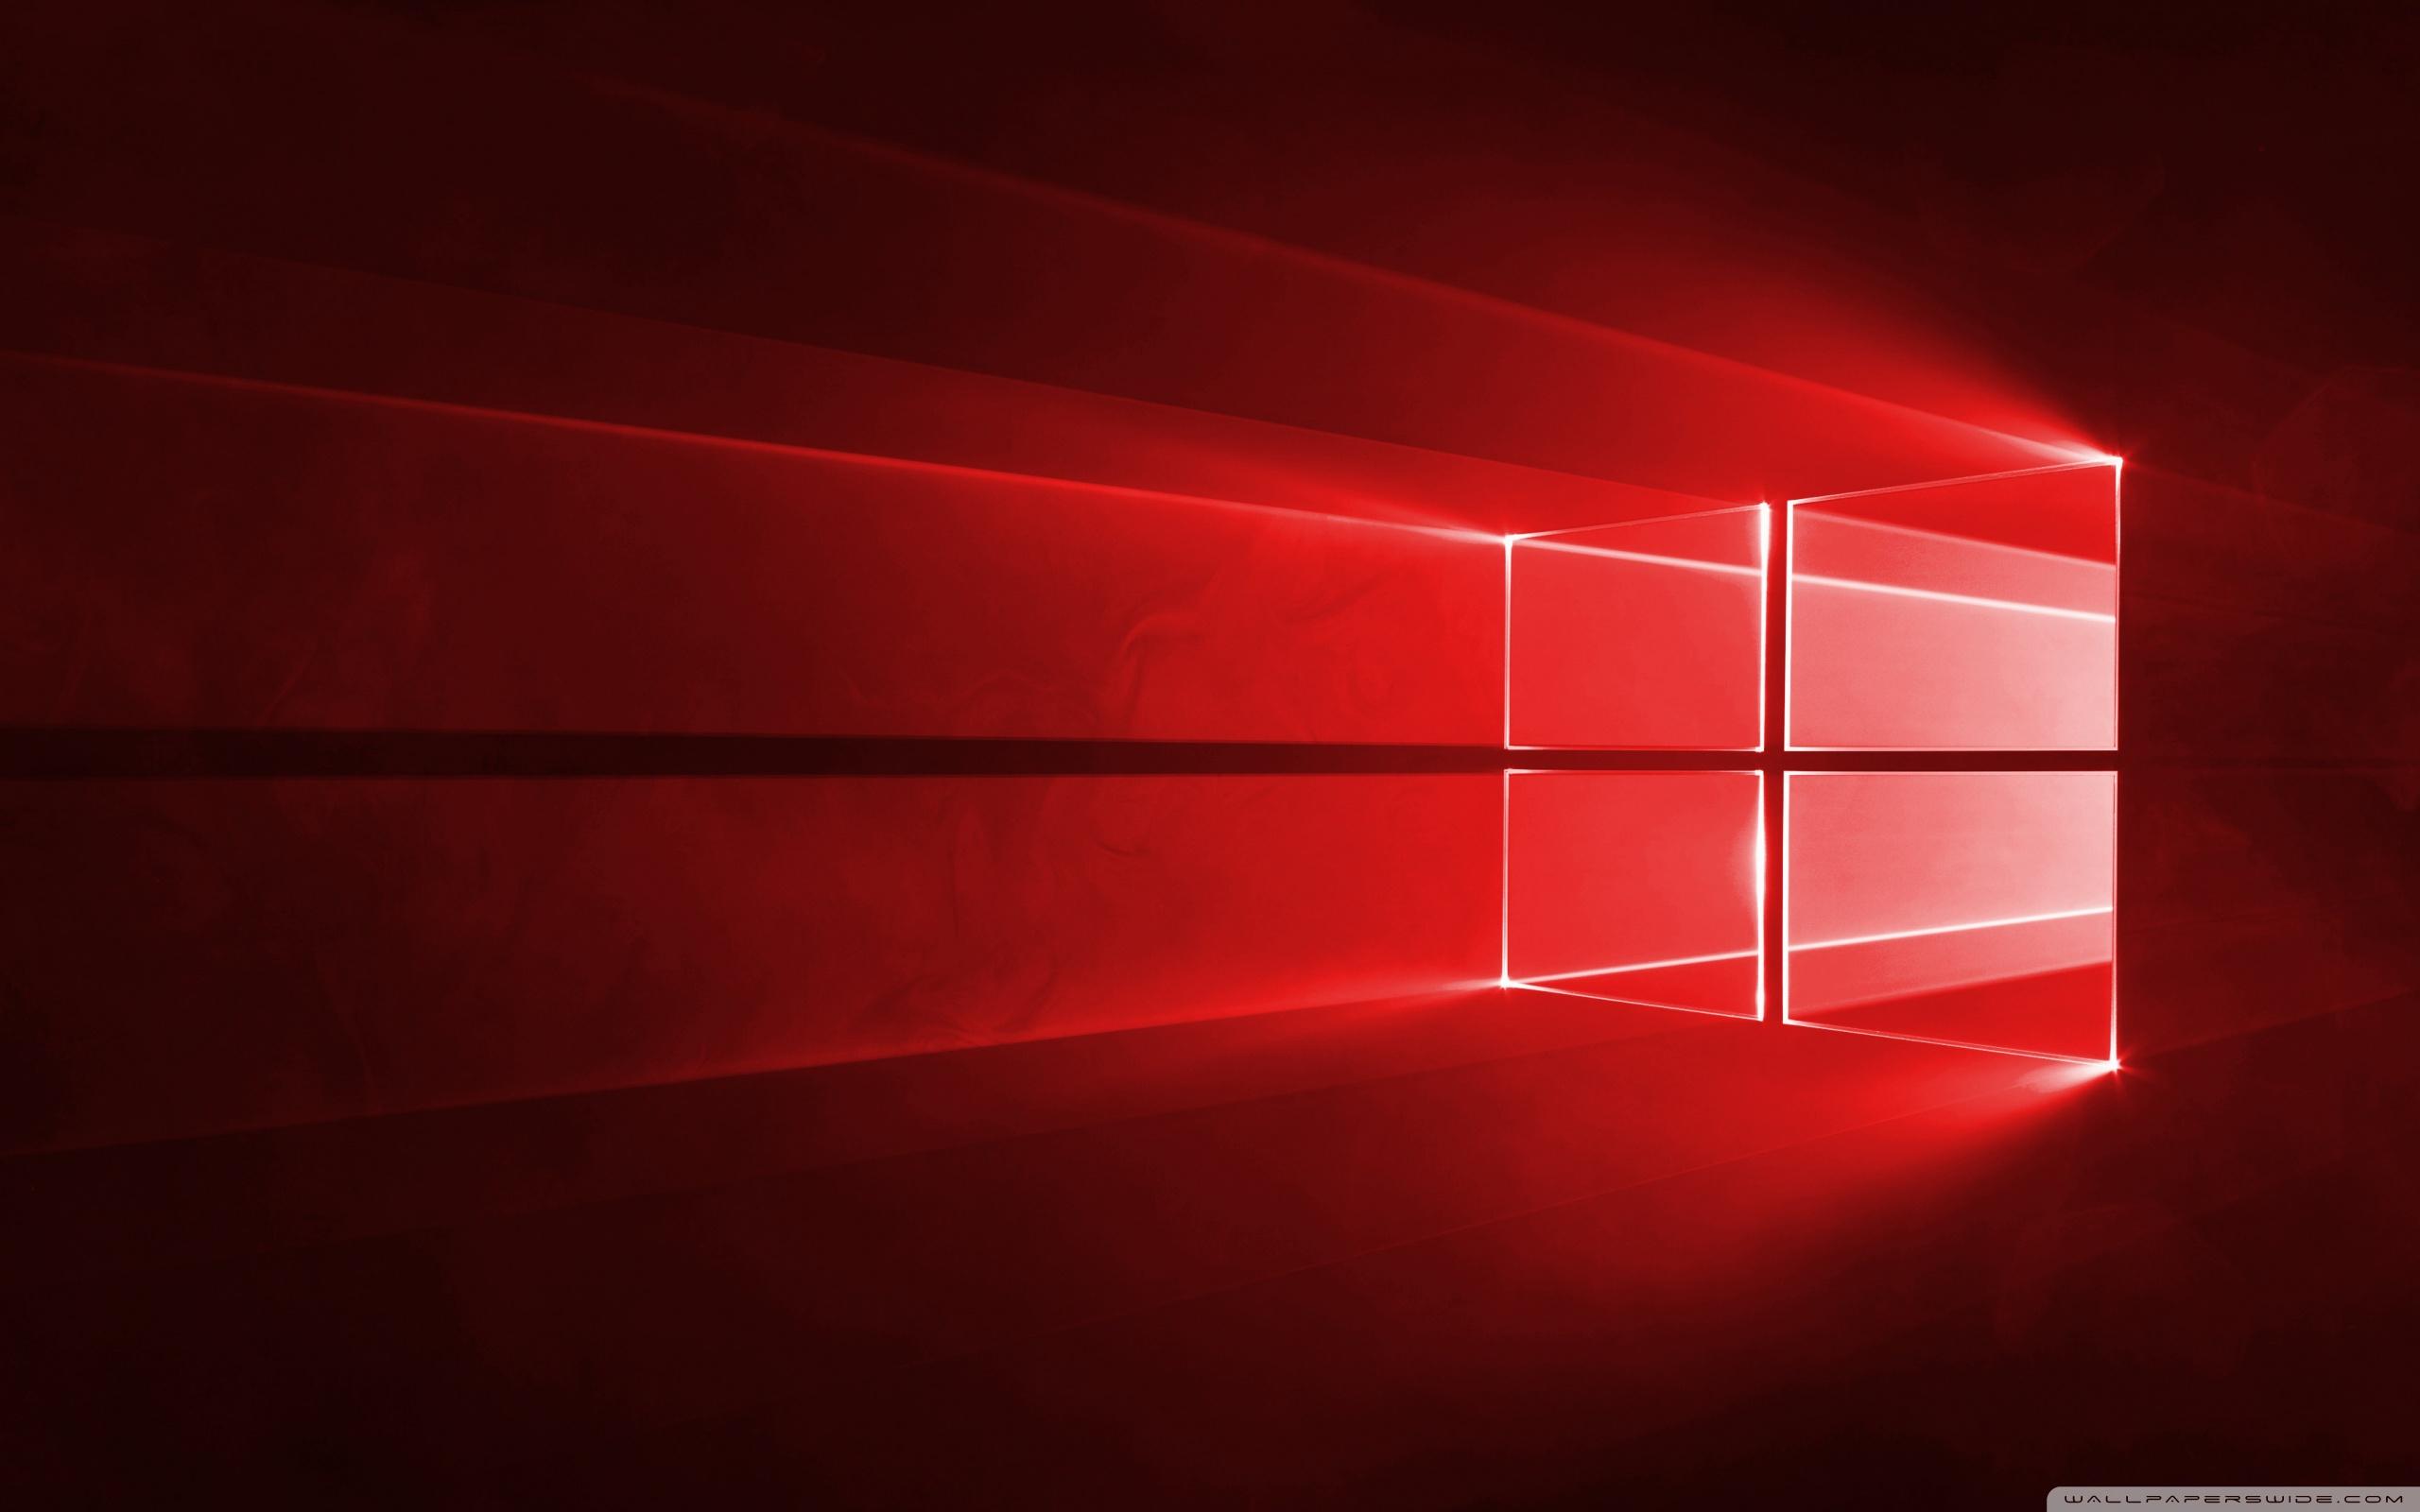 Windows 10 Red in 4K 4K HD Desktop Wallpaper for Wide Ultra 2560x1600